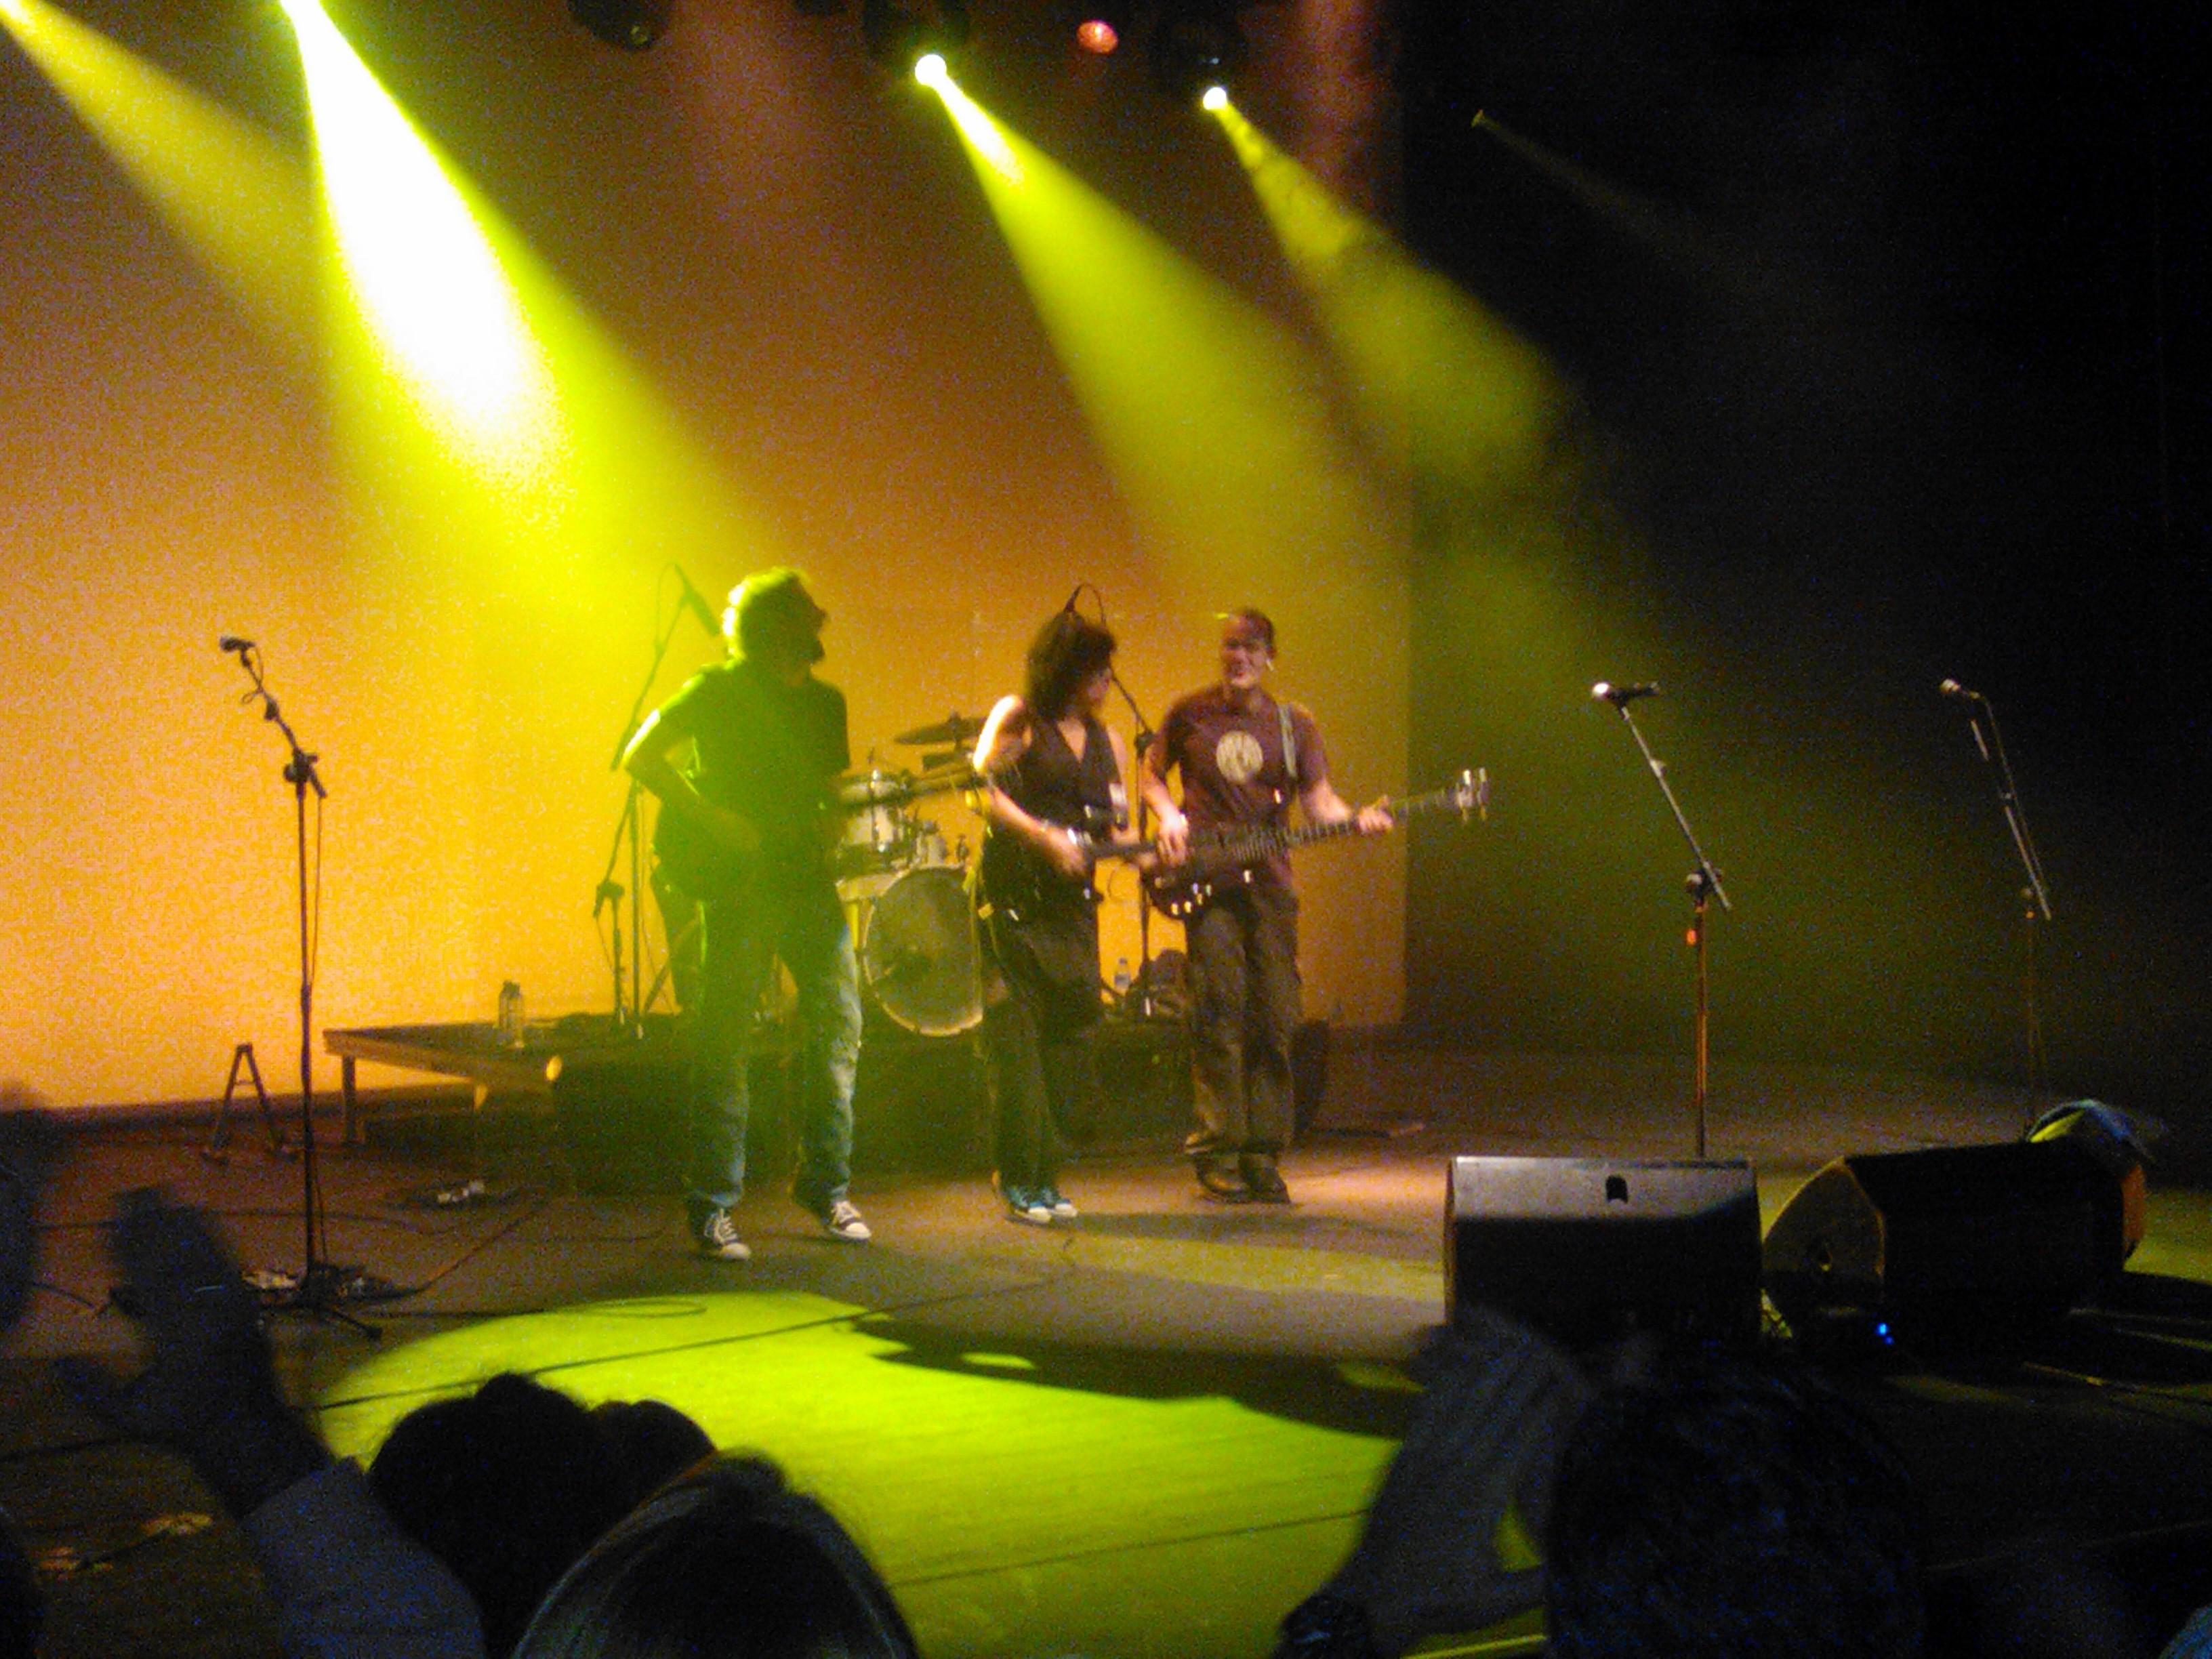 Concierto Rosana Palma de Mallorca 2012 (2)